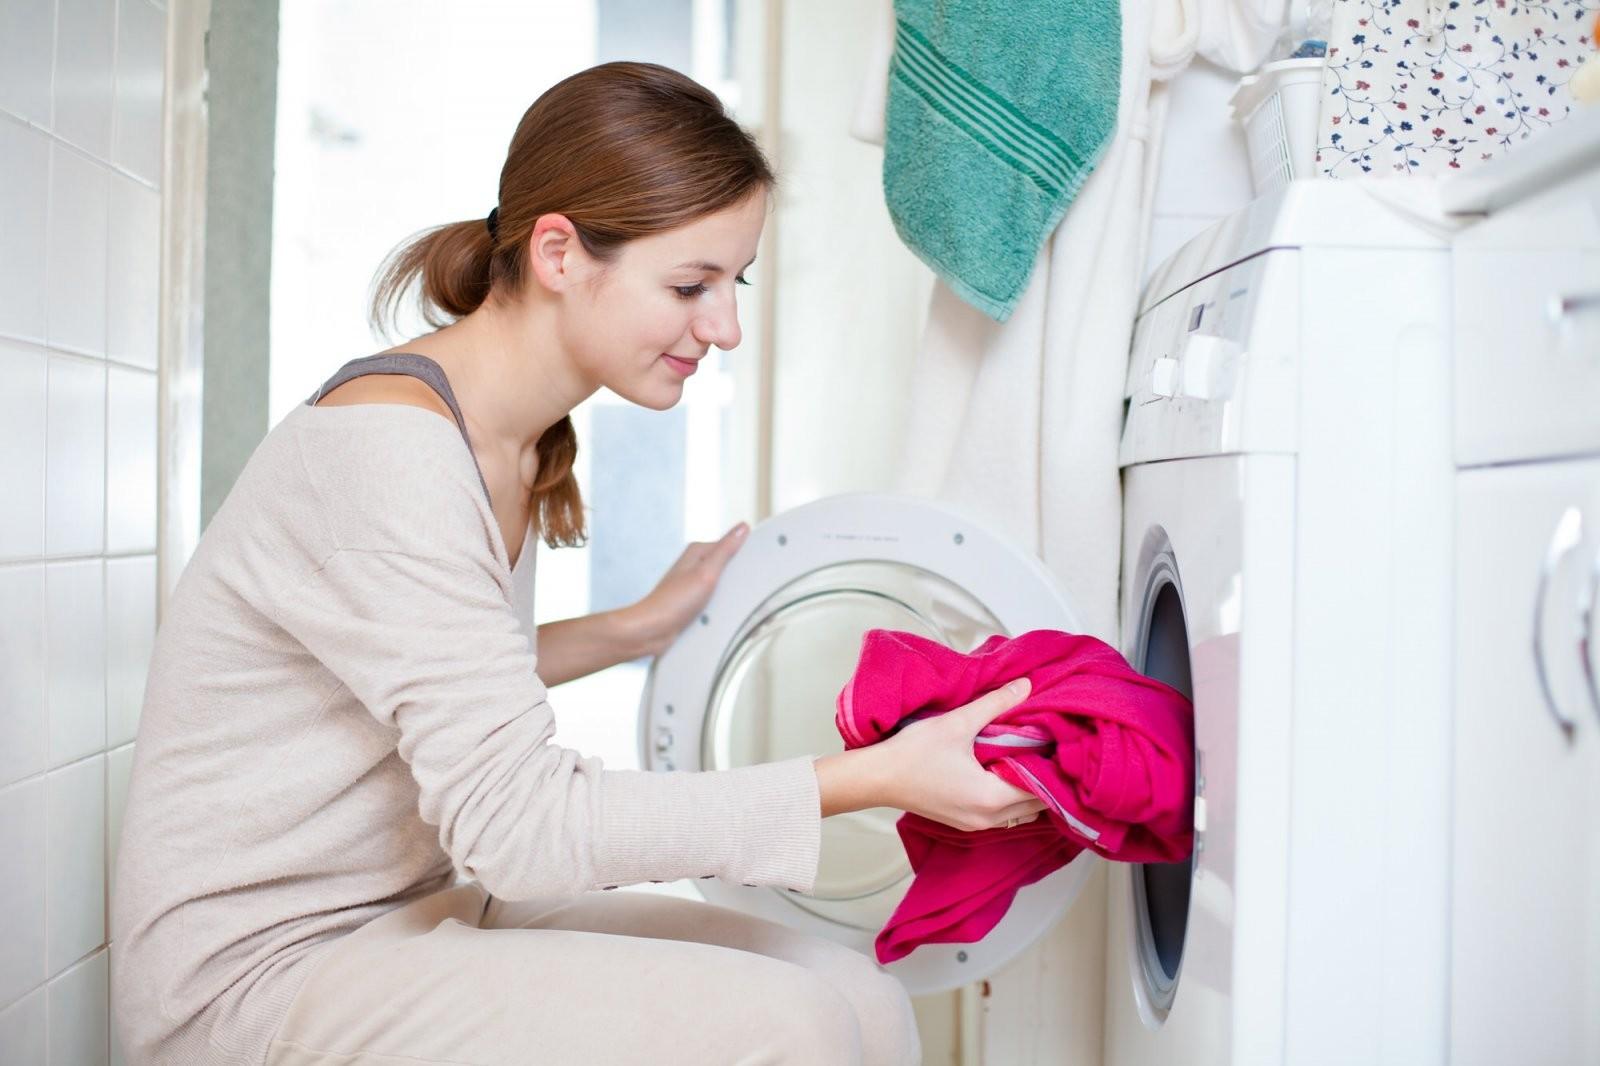 Bettwäsche Waschen  Wie Viel Grad Sind Richtig  Heimhelden von Bei Wieviel Grad Bettwäsche Waschen Bild